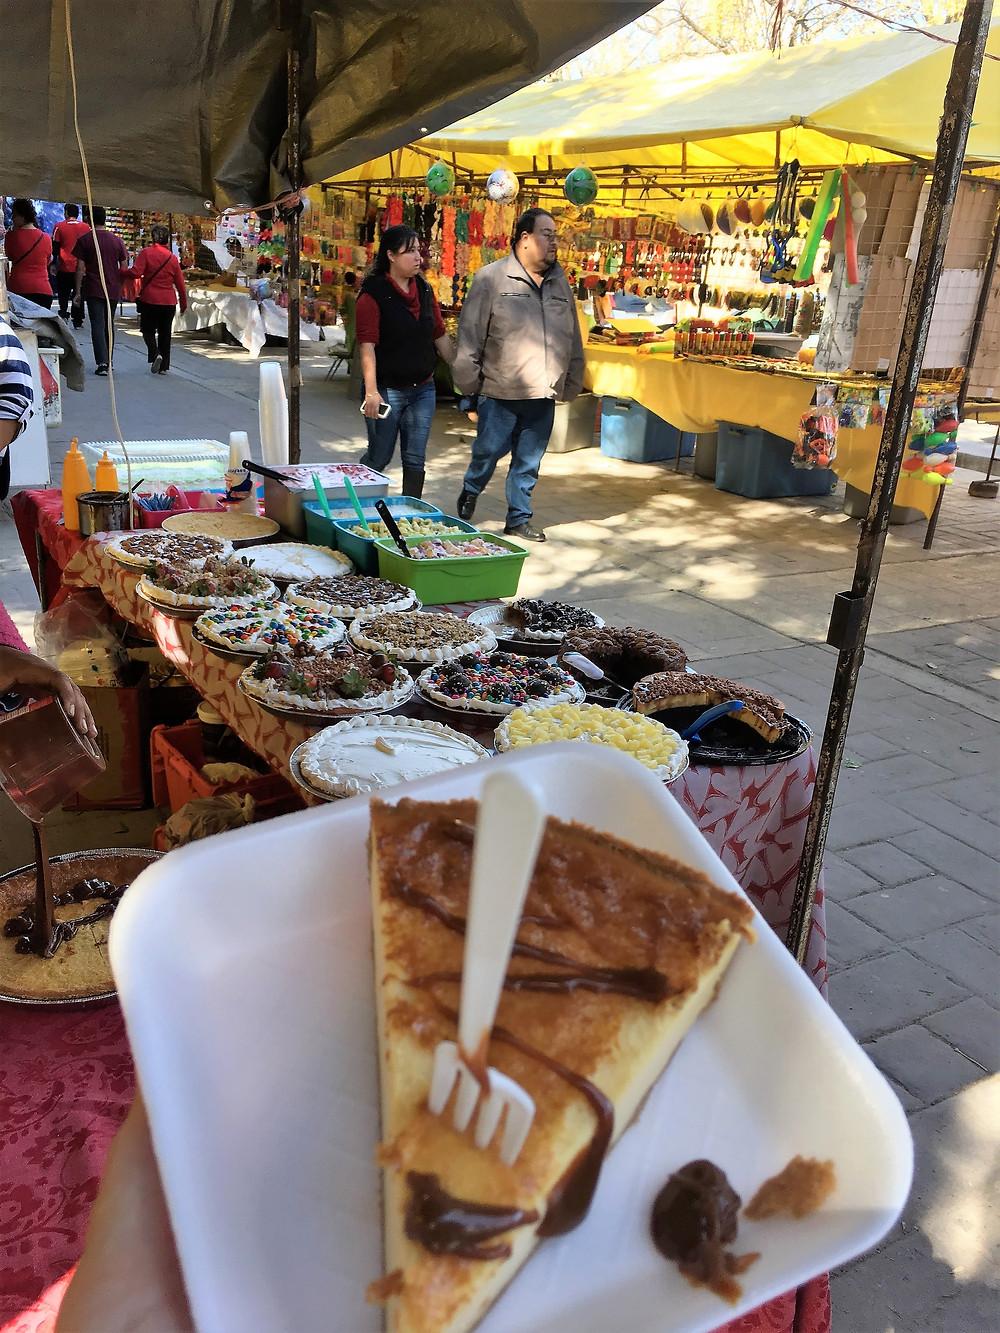 Arteaga market street vendors food stands